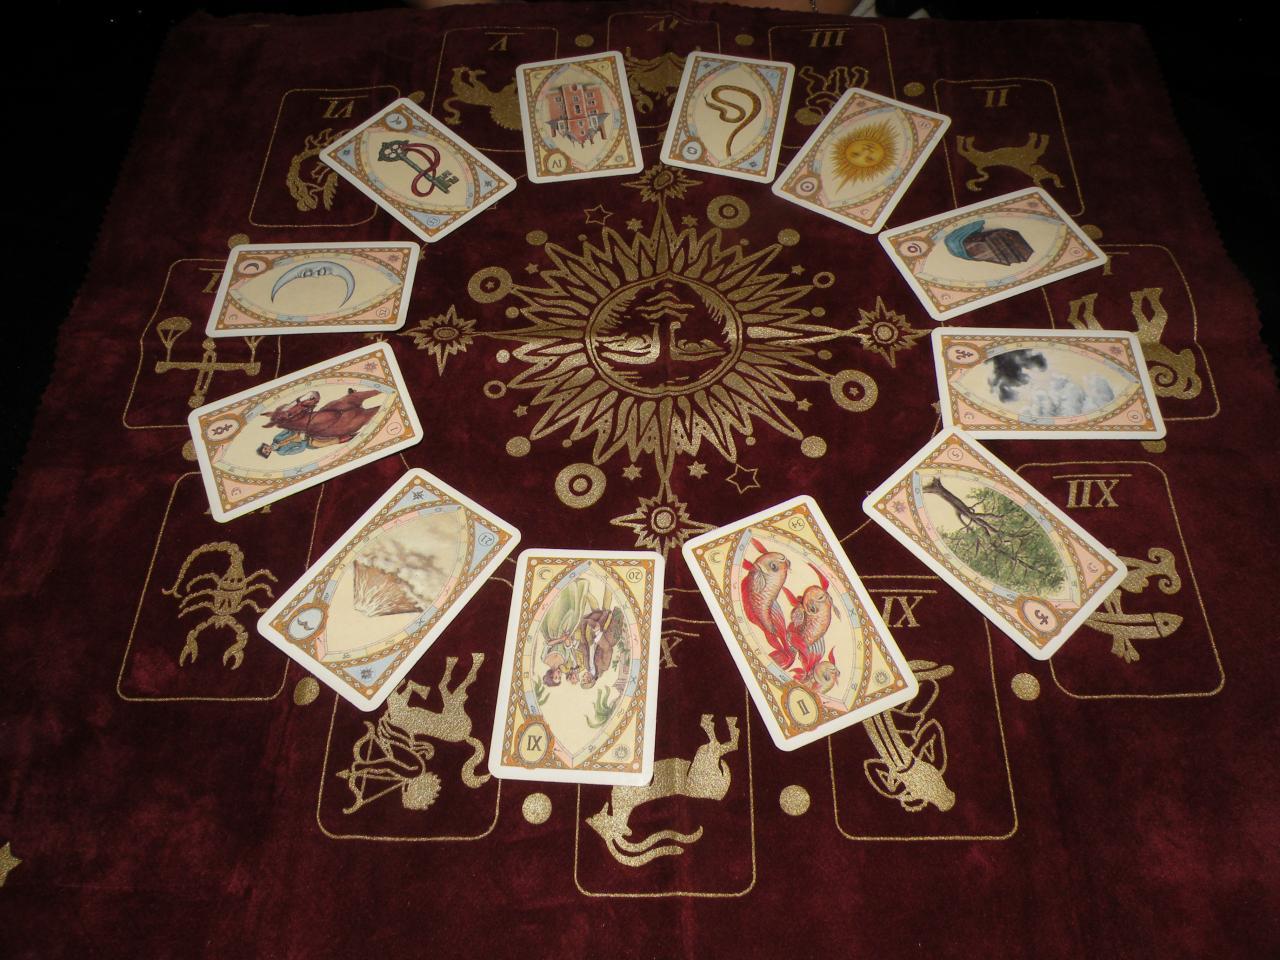 [Jeu] Association d'images - Page 5 Cartomancie-tarot-cartes